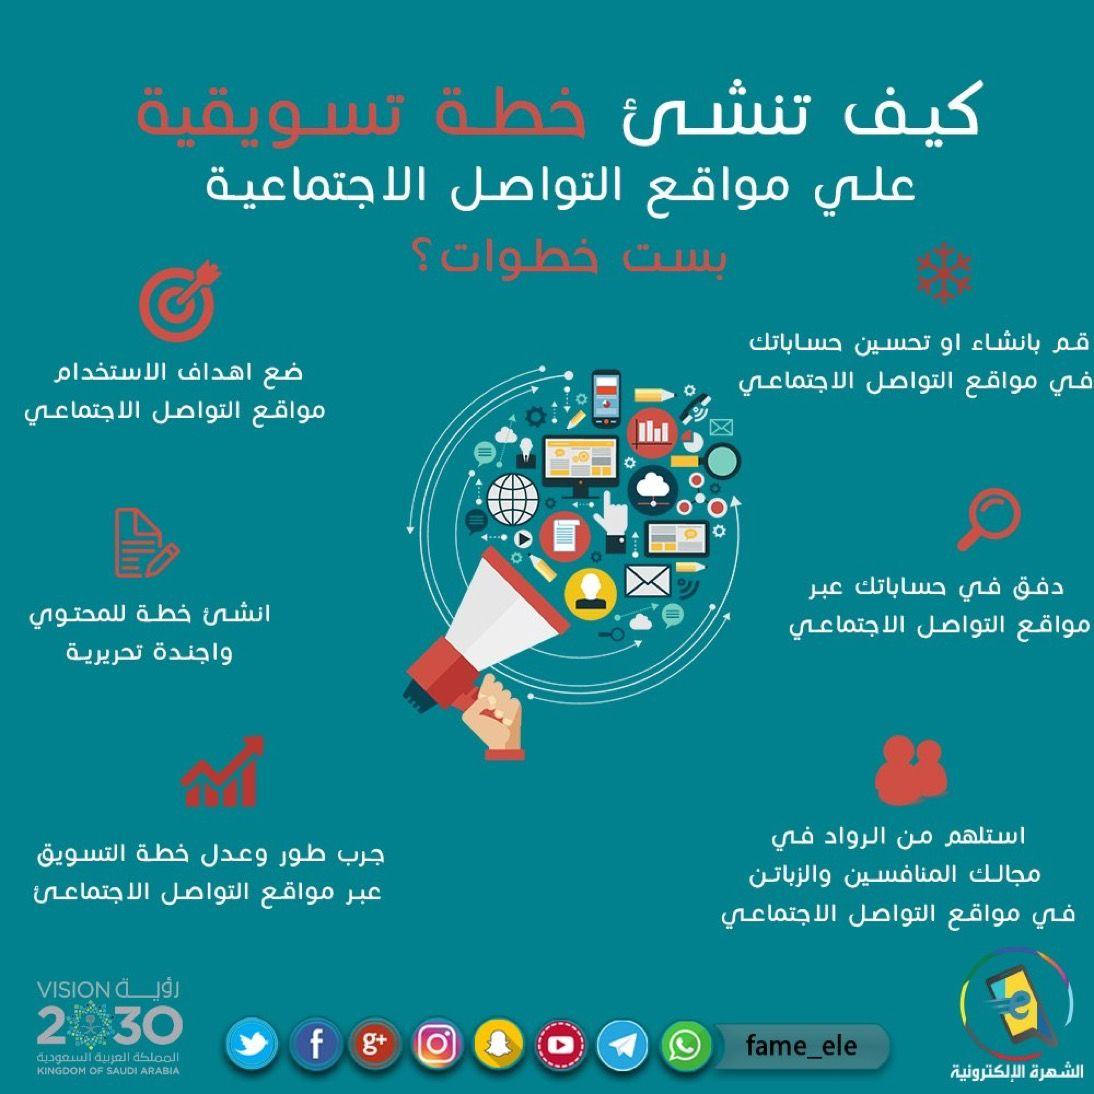 كيف تنشئ خطة تسويقية على مواقع التواصل الاجتماعية بست خطوات الشهرة الإلكترونية الرياض الان Marketing Photo Map